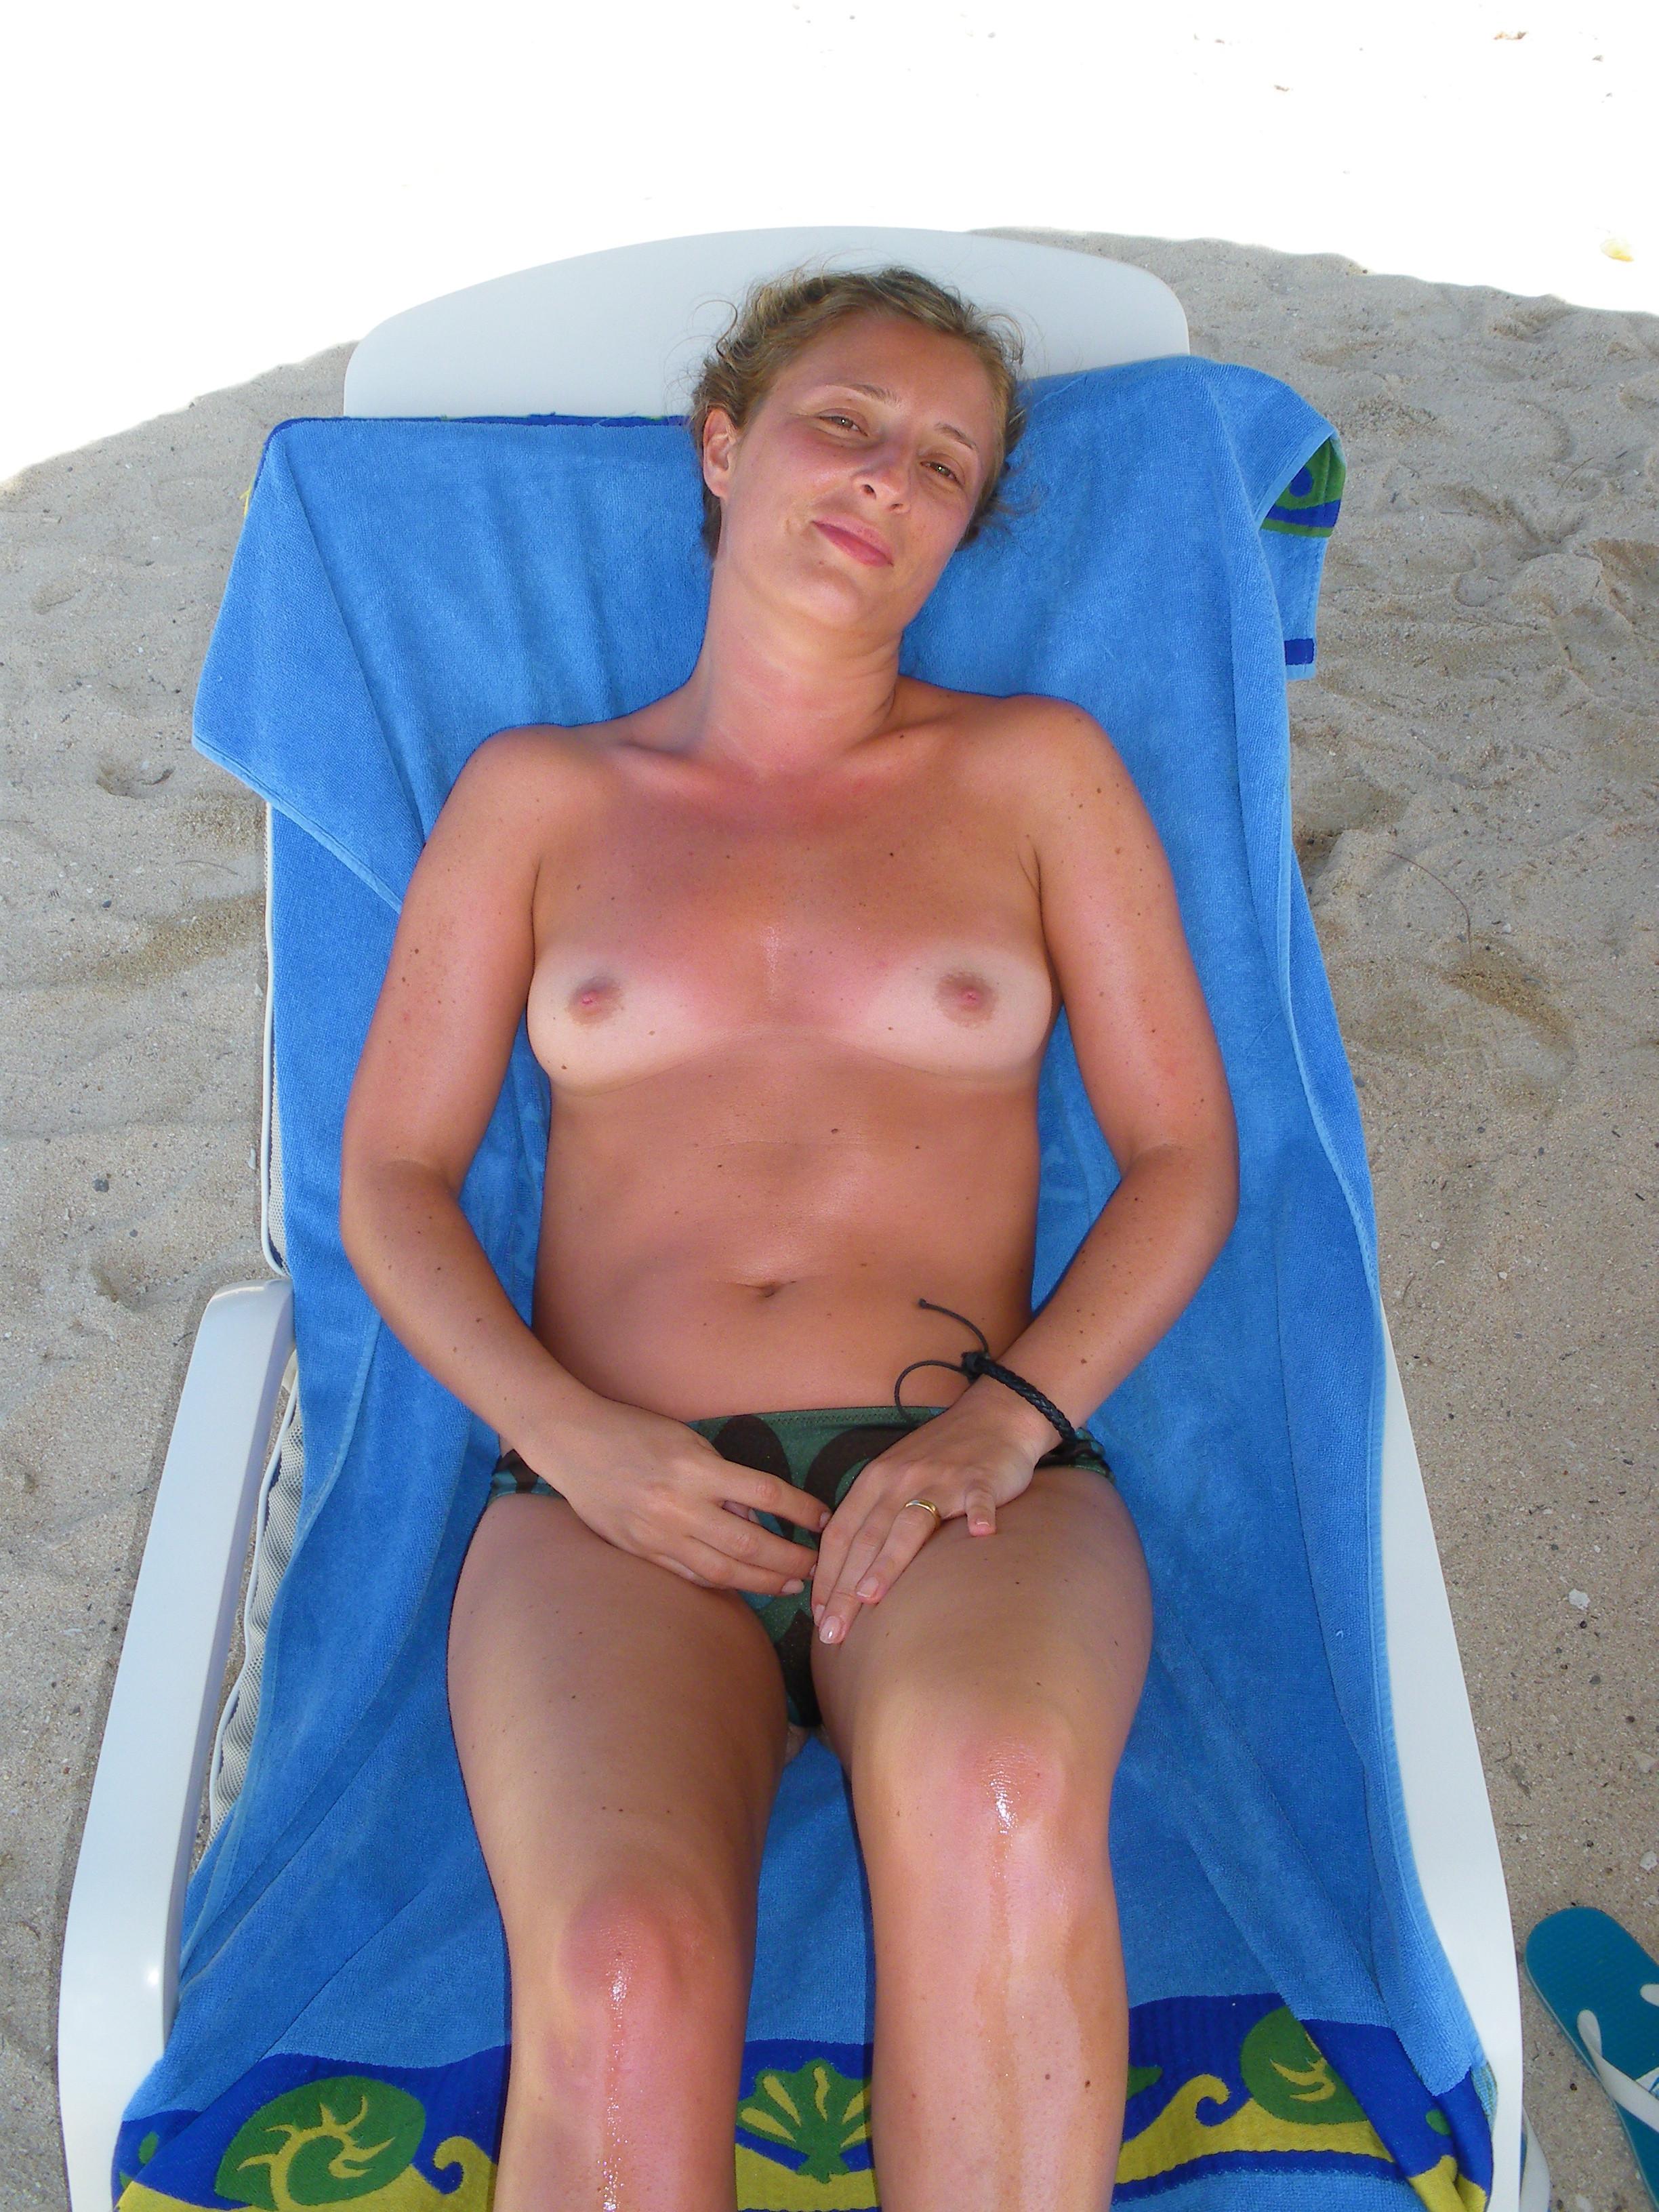 Пляжная эротика - компиляция 19